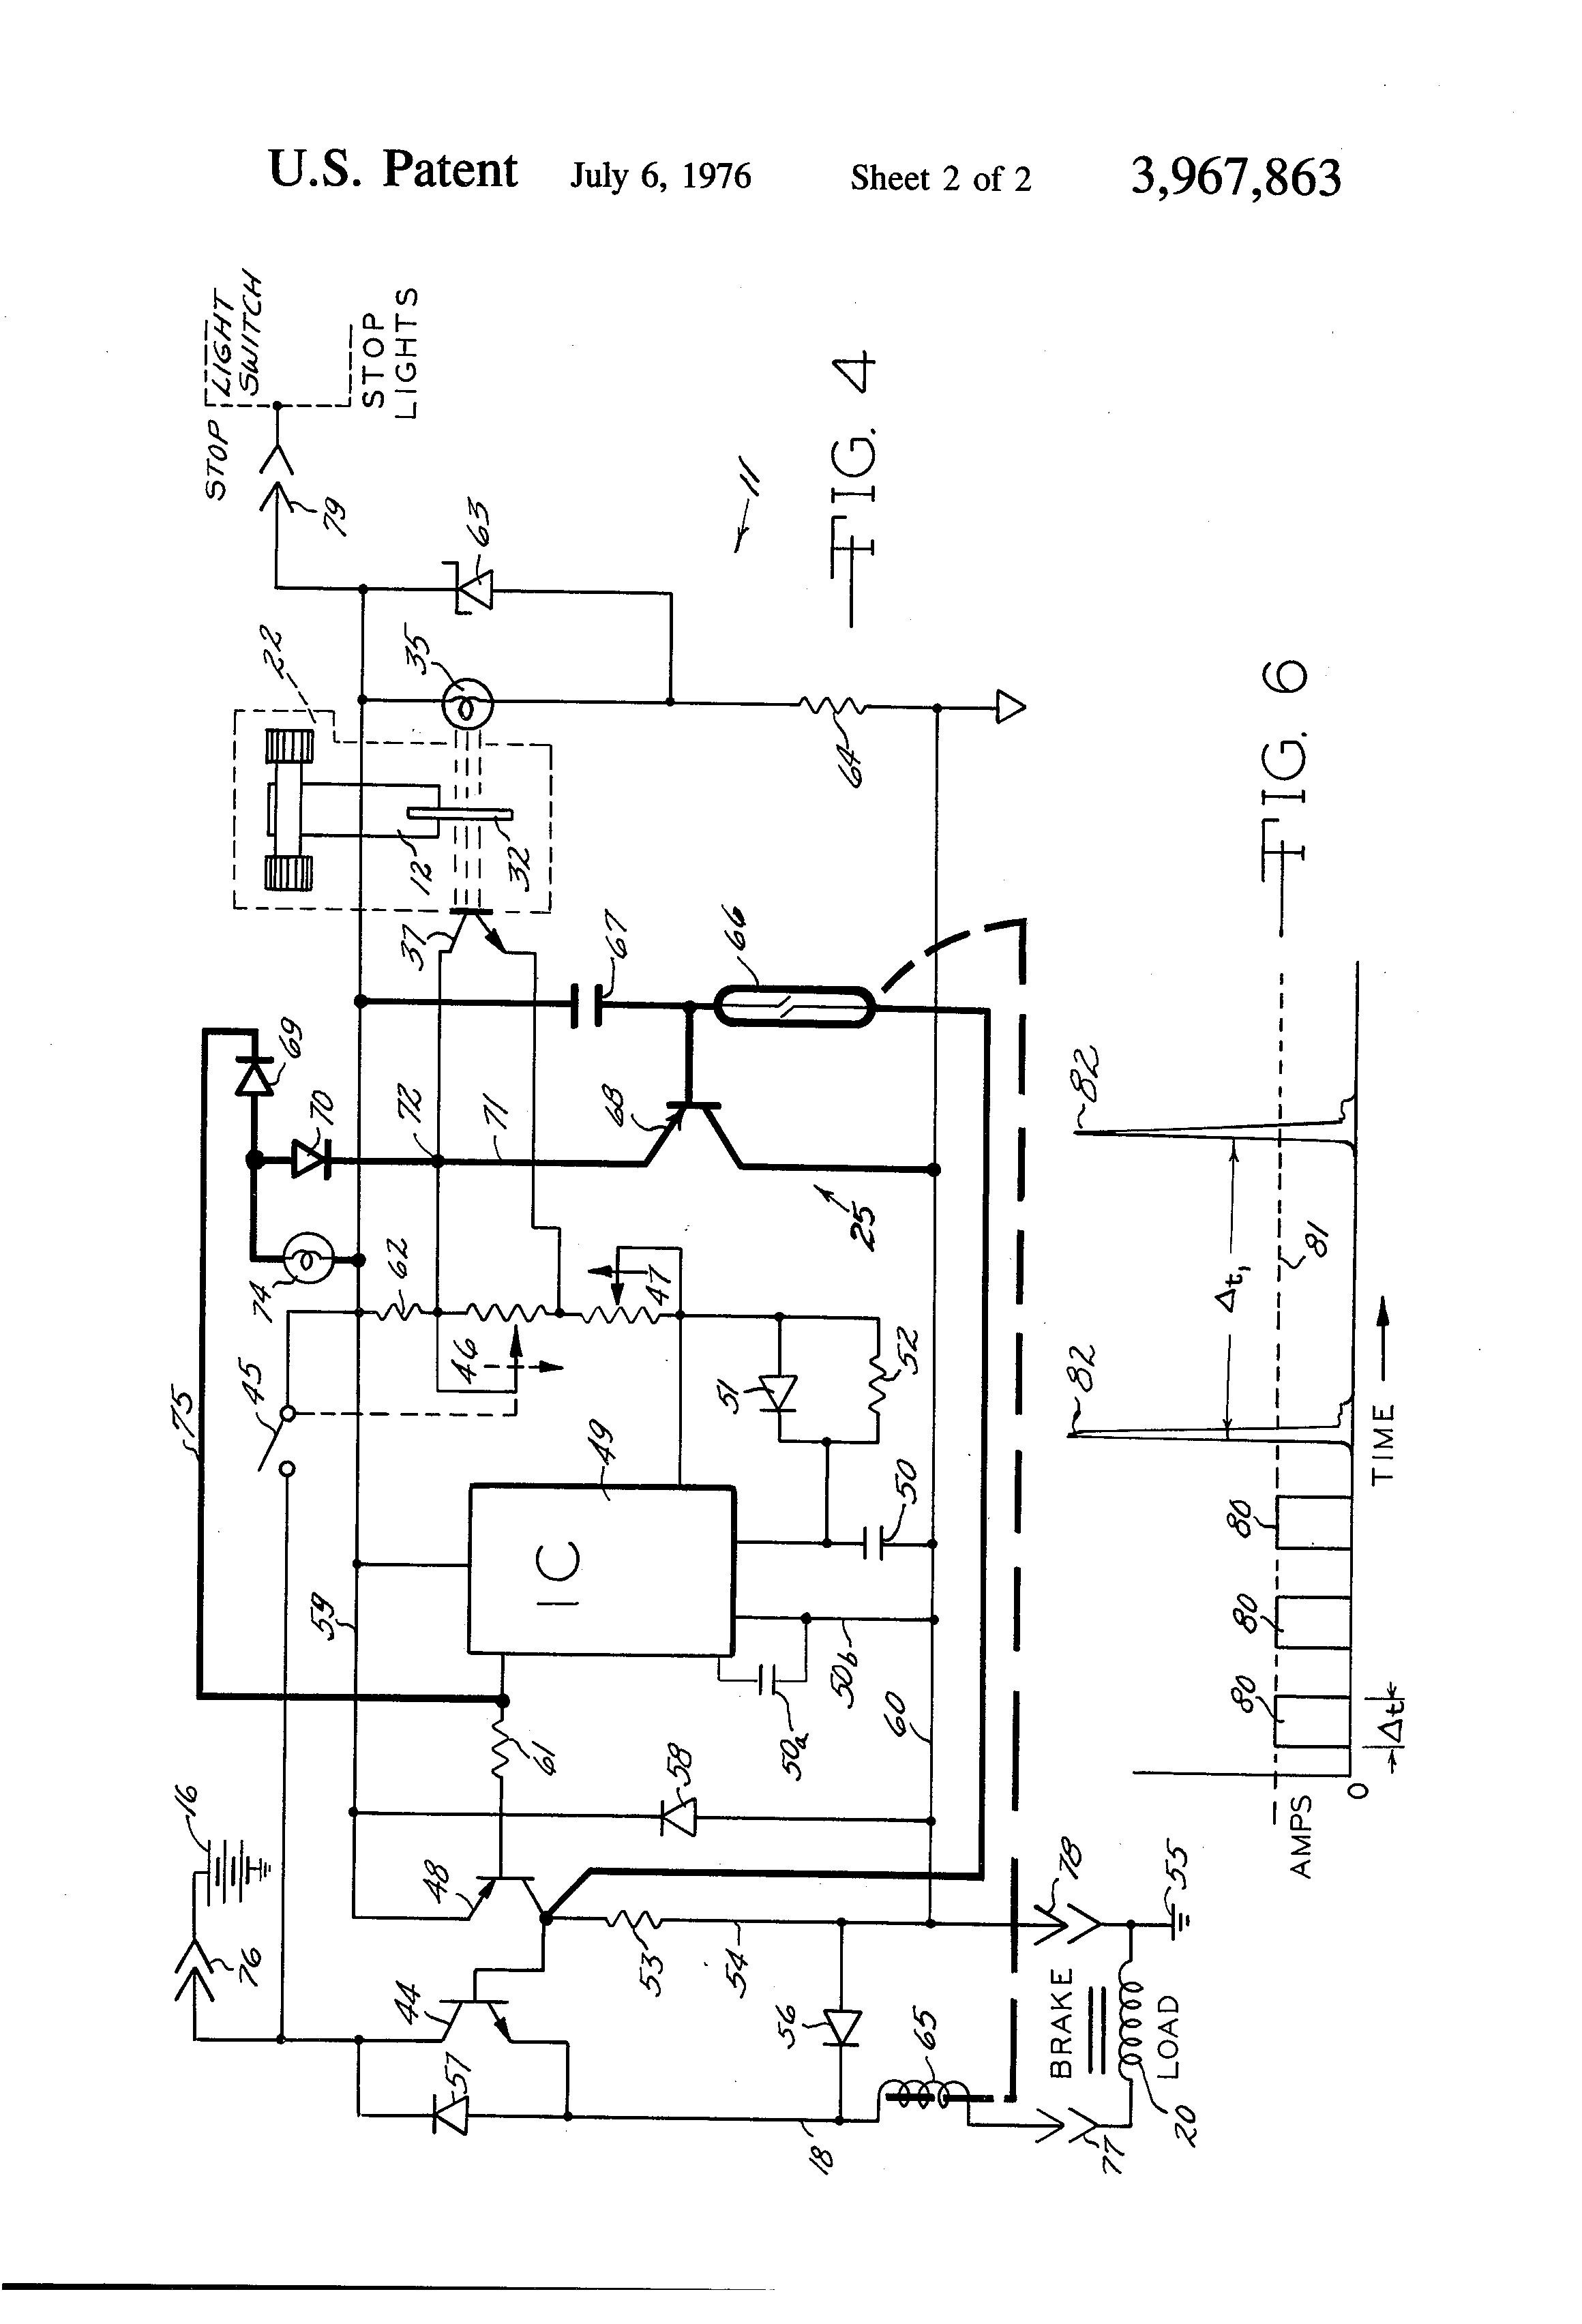 F5795 2004 Carson Trailer Wiring Diagram | Digital Resources on ez trailer kit, kubota alternator wiring diagram, rv electric brake wiring diagram, ez wiring 21 circuit harness, fisher plow wiring diagram, ez wiring harness manual, typical rv wiring diagram, motor wiring diagram, dexter electric brake wiring diagram, tractor-trailer wiring diagram, painless wiring diagram, western plow controller wiring diagram, trailer brake diagram, brake controller wiring diagram,